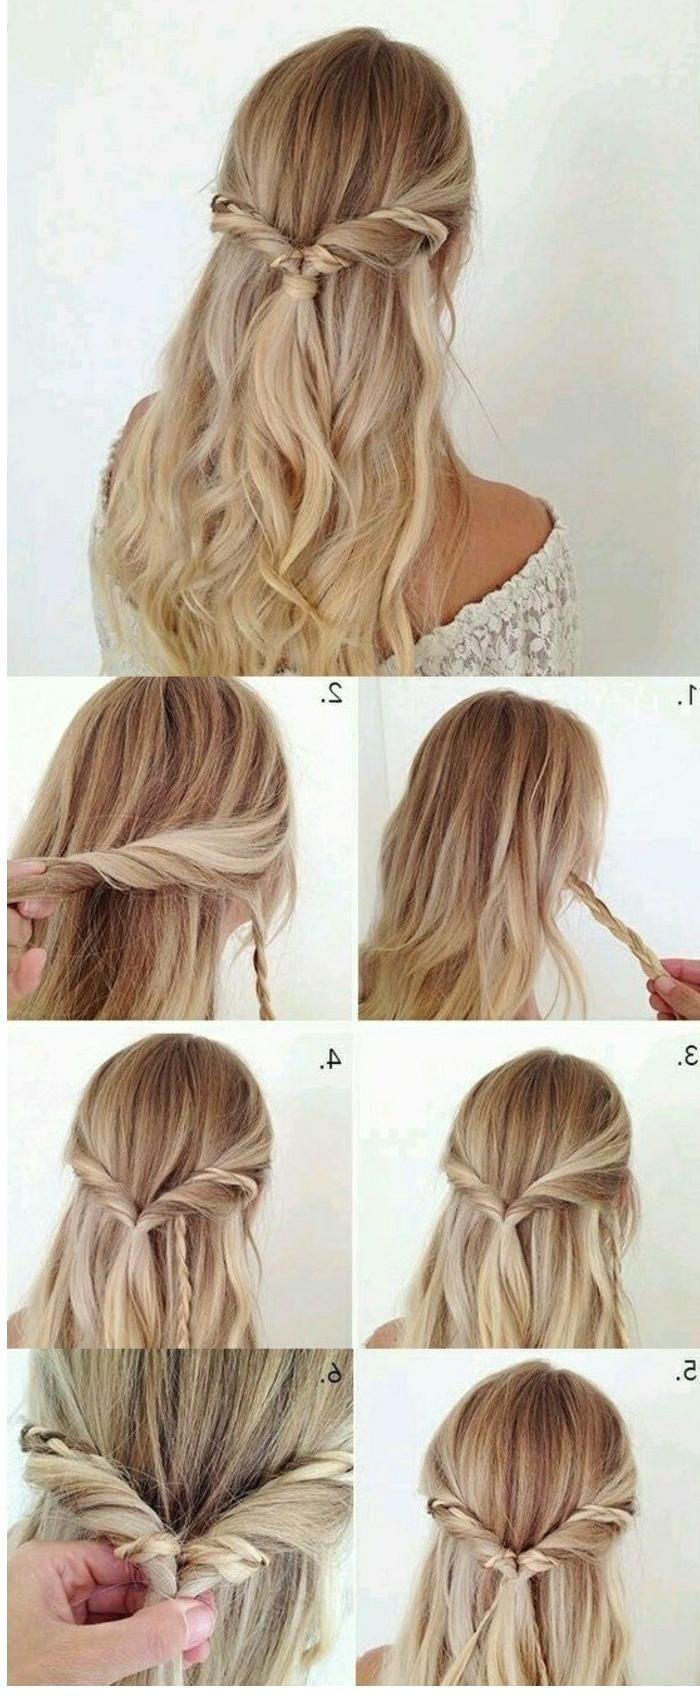 Einfache Frisuren Zum Selber Machen Einfache Frisuren Machen Selber Einfache Frisur Frisuren Selber Machen Haarfrisuren Selber Machen Frisuren Damen